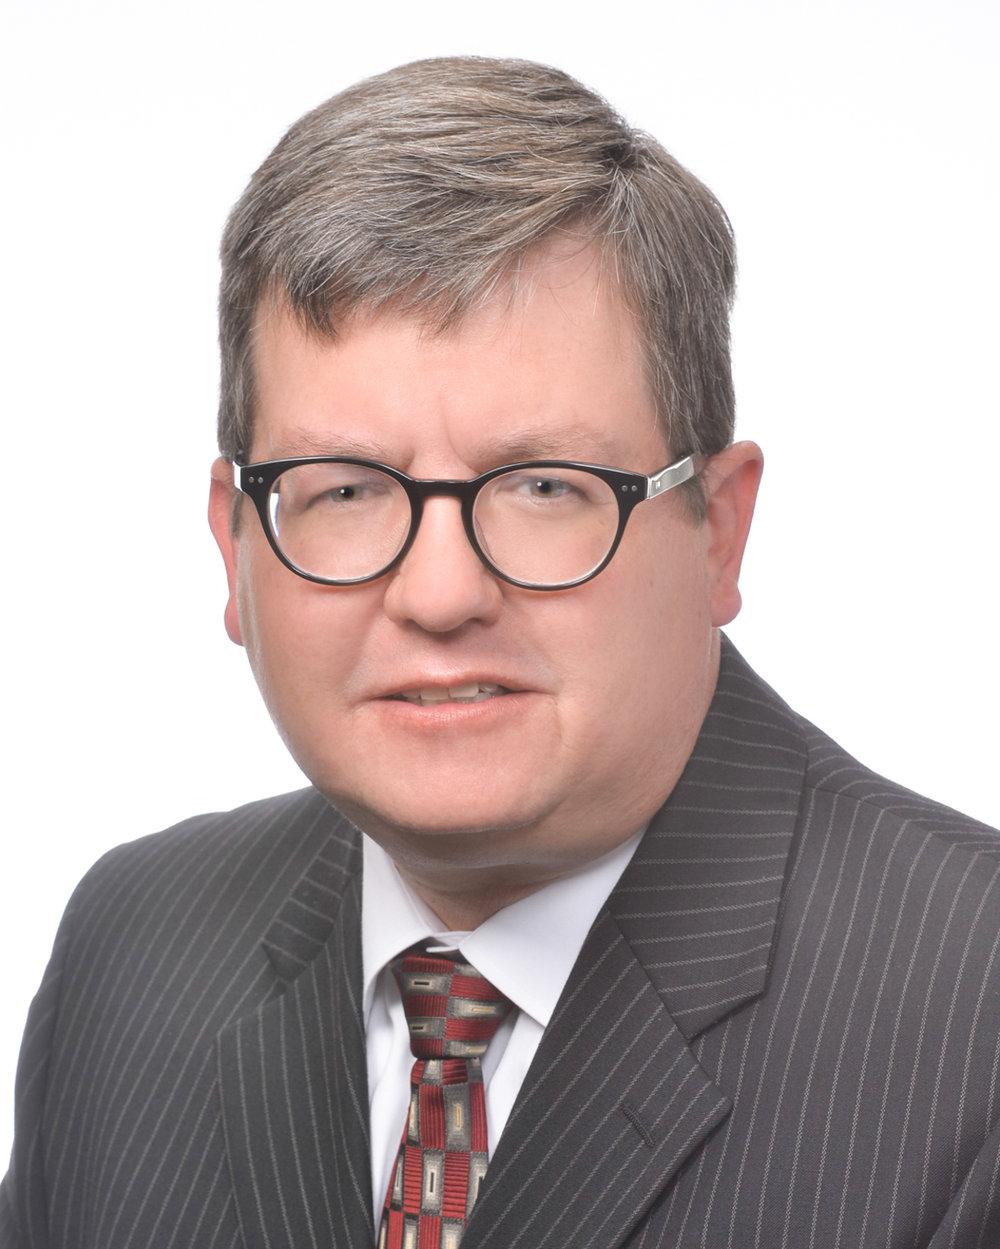 Matthew S. Tarkington - Director